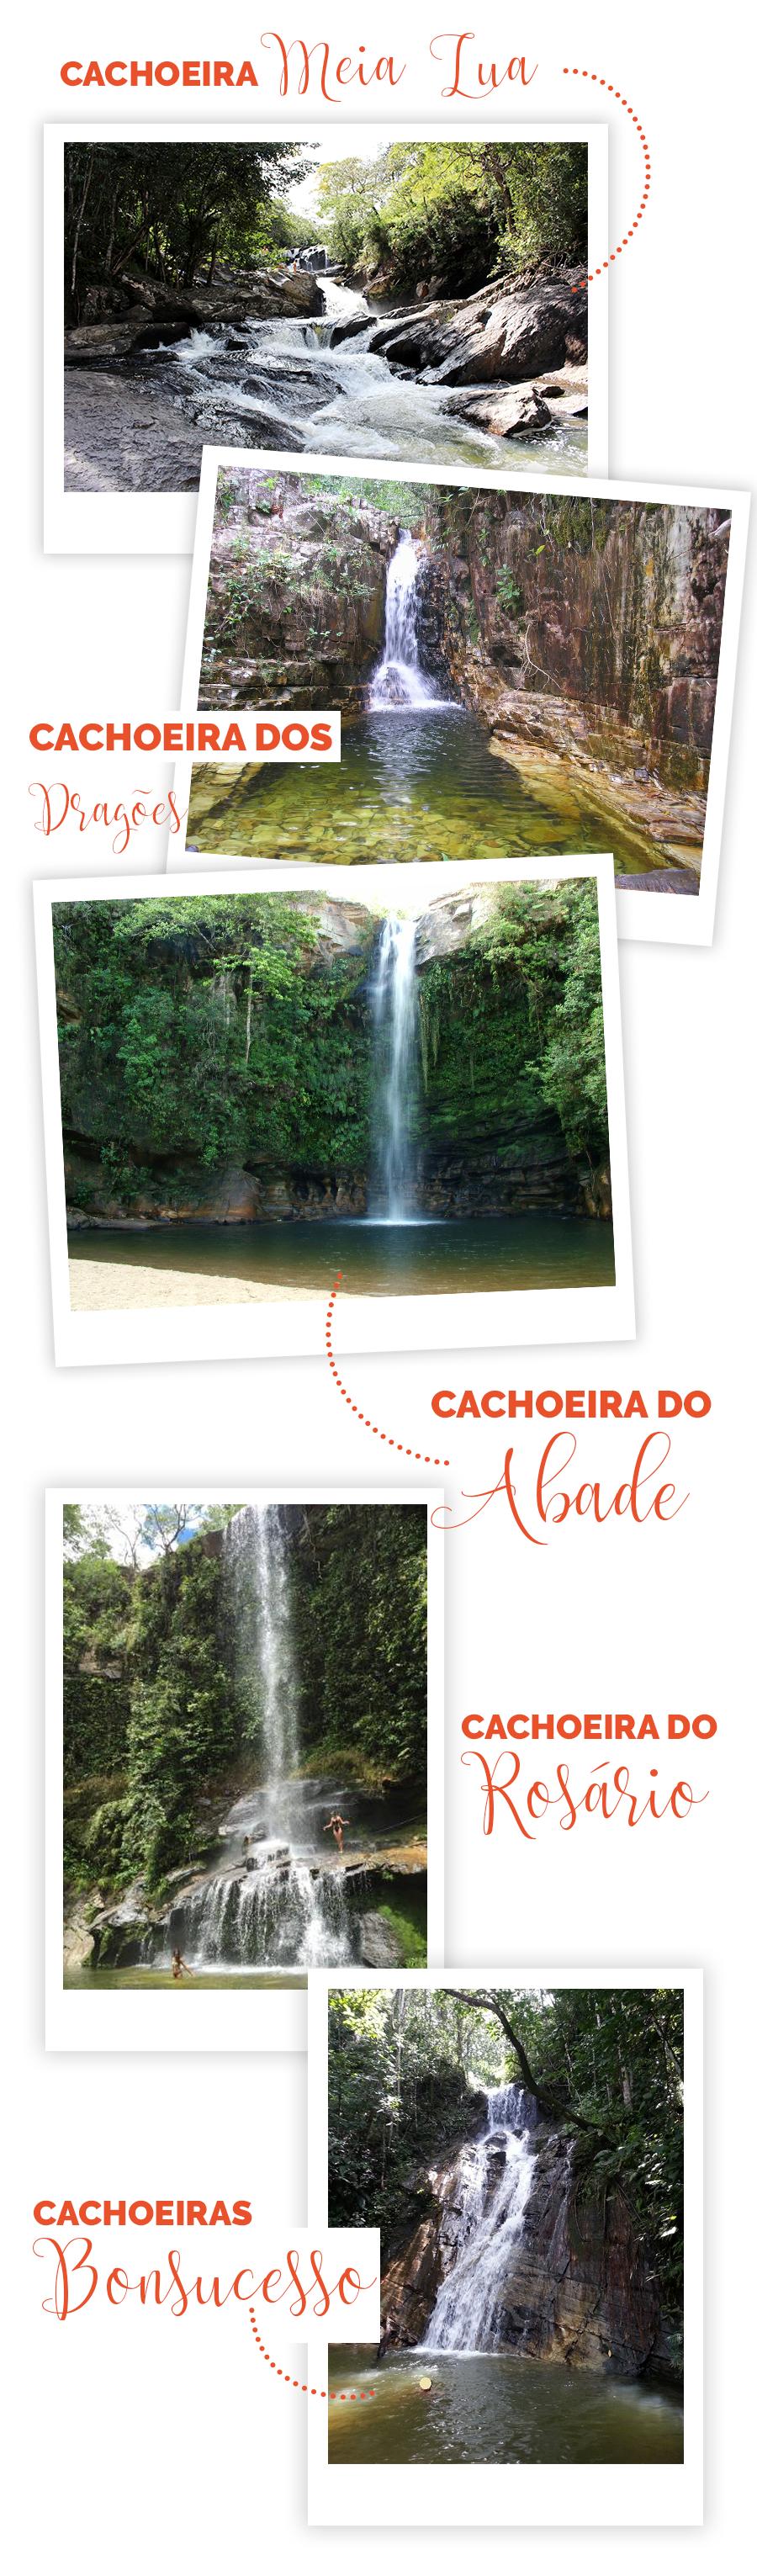 Guia de Pirenópolis - O que fazer? Cachoeira Meia Lua - Cachoeira dos Dragões - Cachoeira do Abade - Cachoeira do Rosário - Cachoeiras Bonsucesso